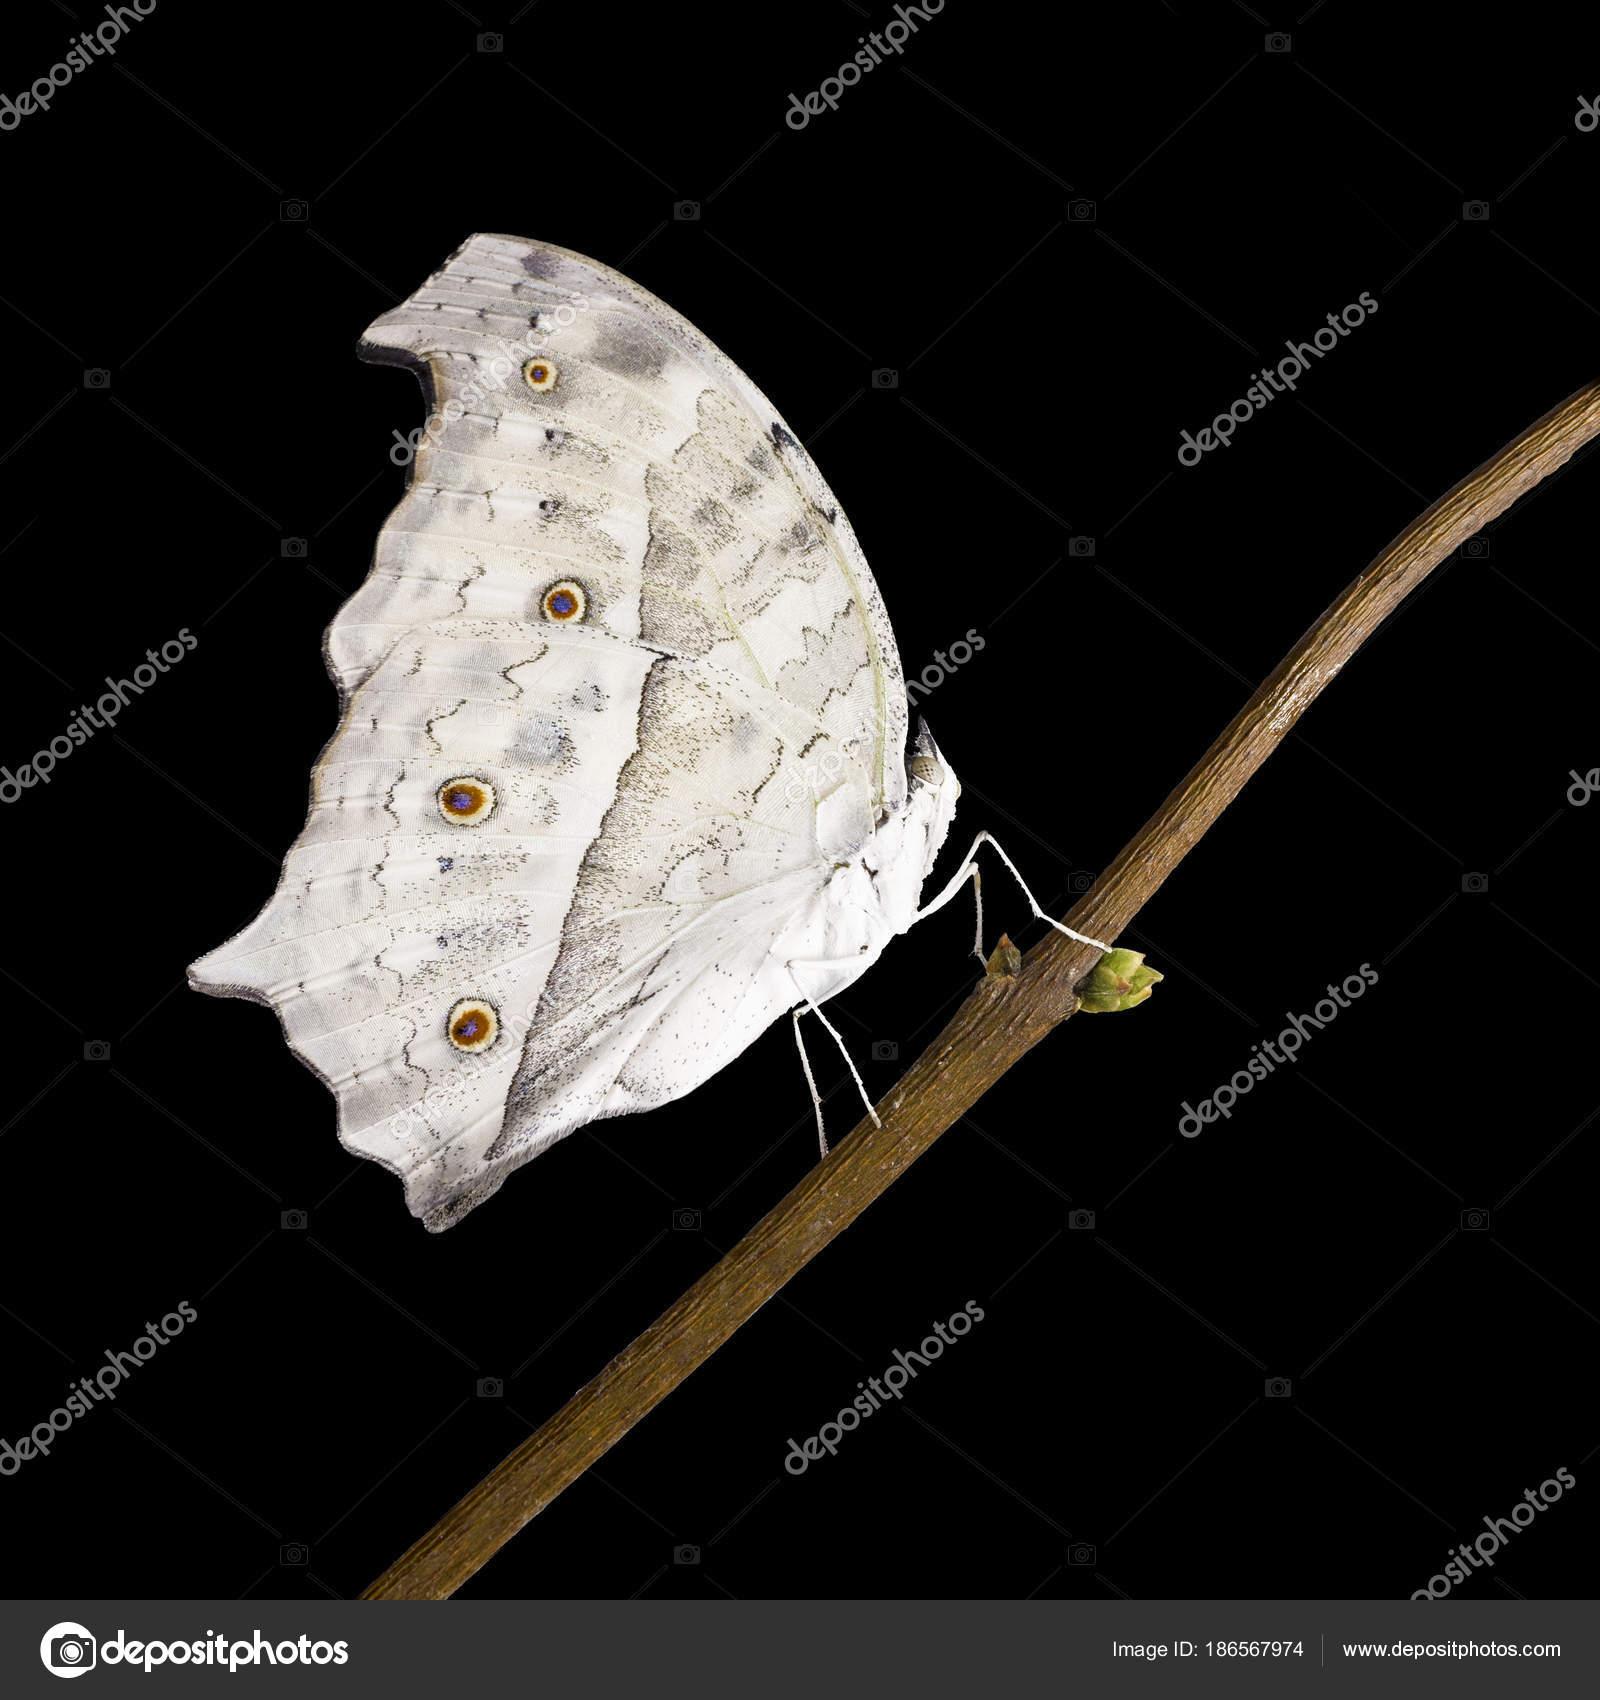 264c51c6cdf5 La mariposa de nácar de bosque